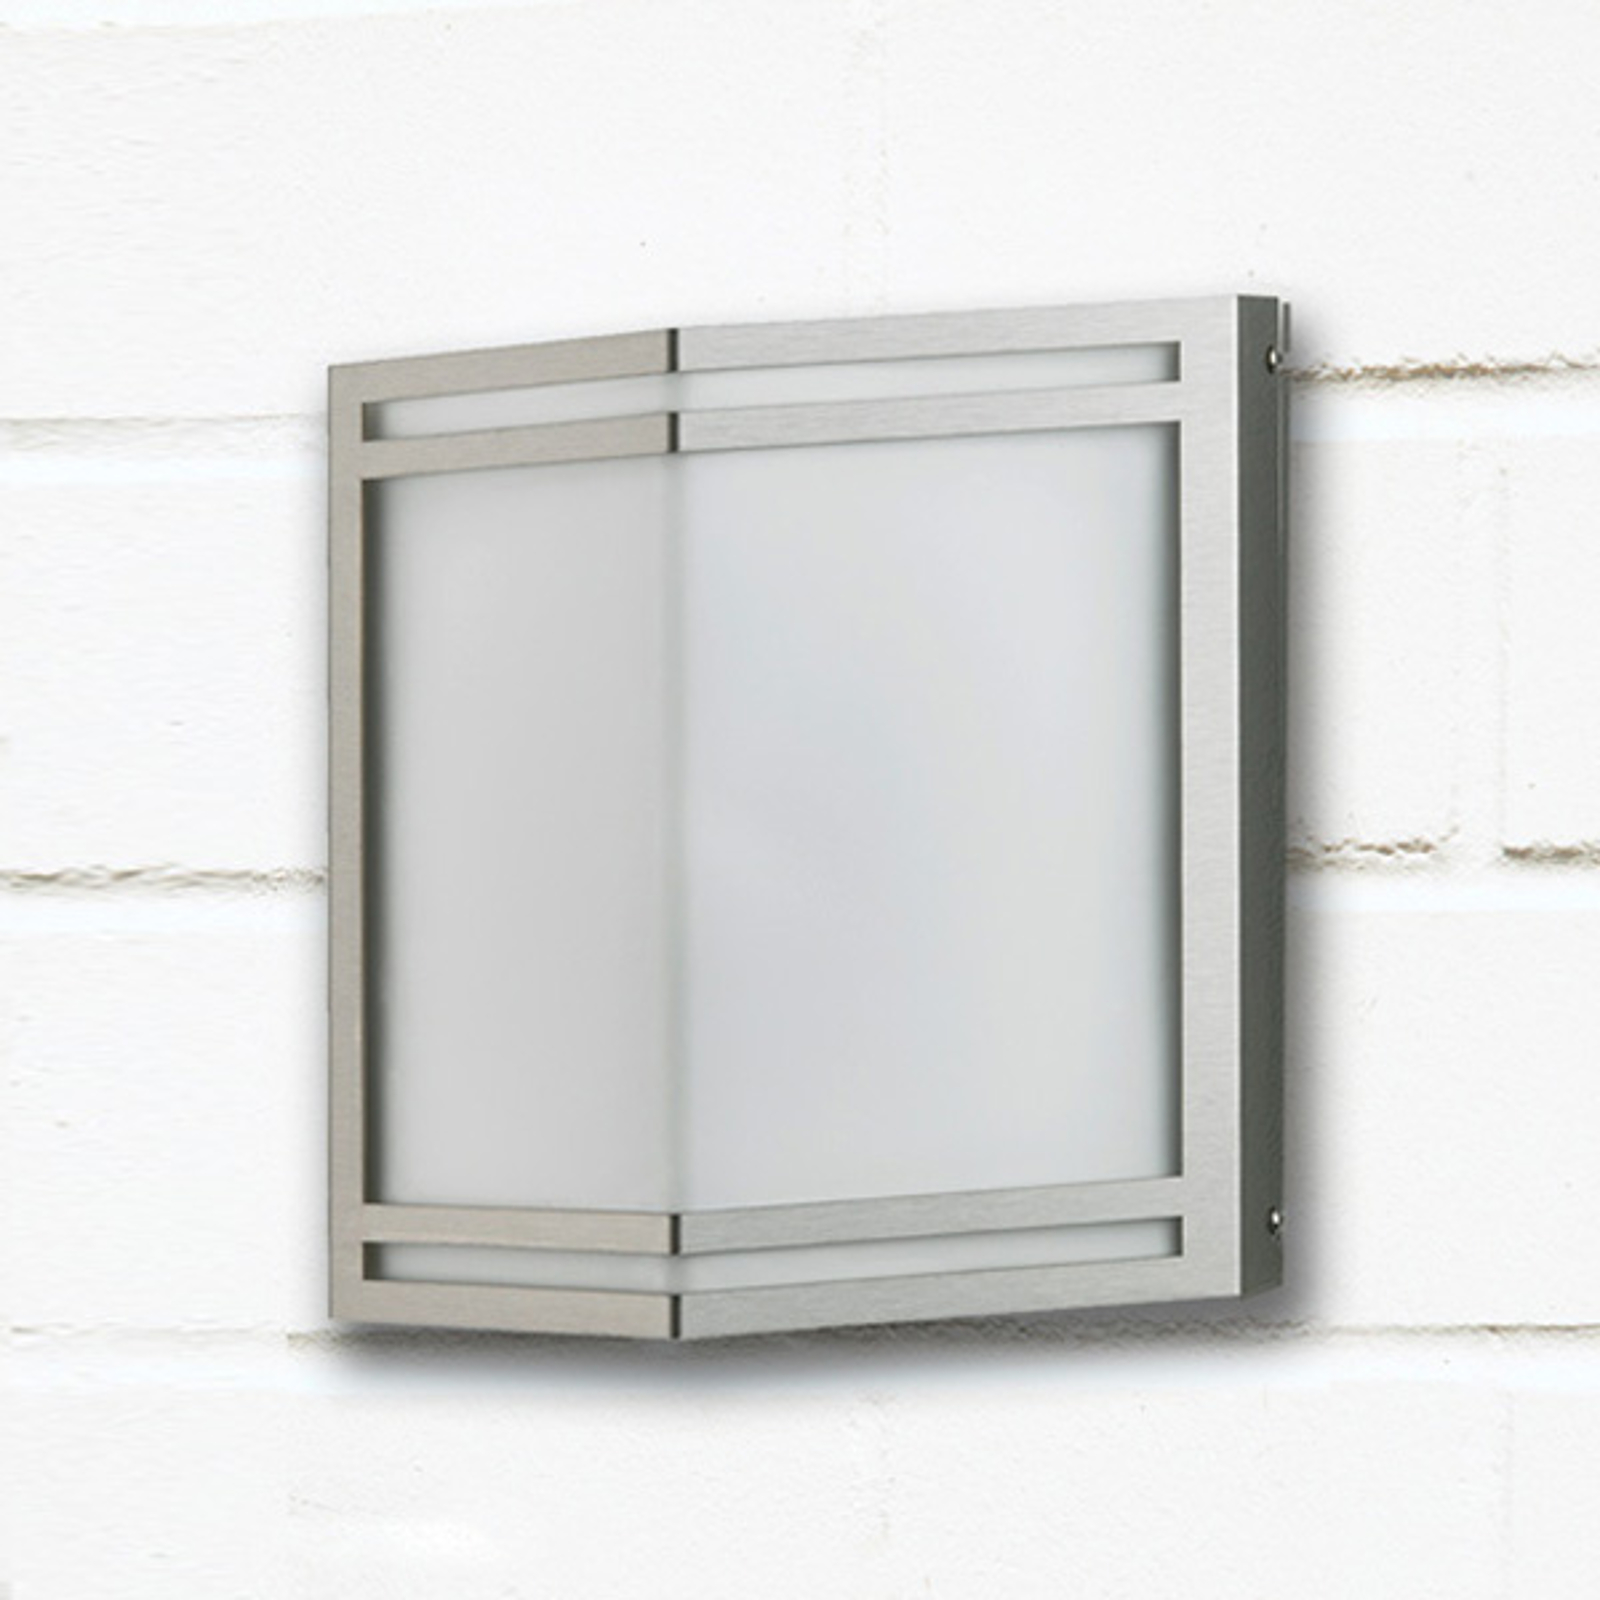 Van roestvrijstaal - LED buitenwandlamp Dobrin